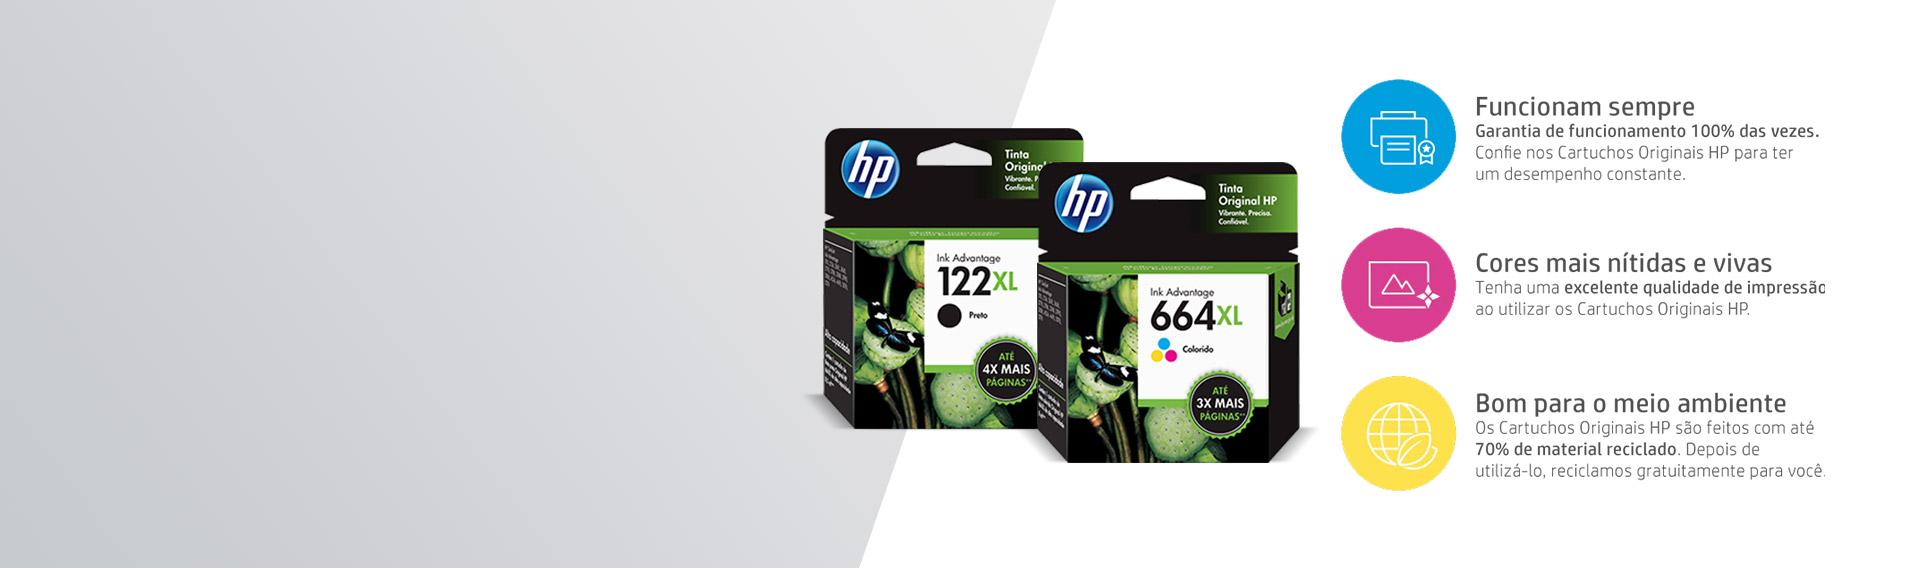 Não fique sem tinta! Escolha os Cartuchos HP XL